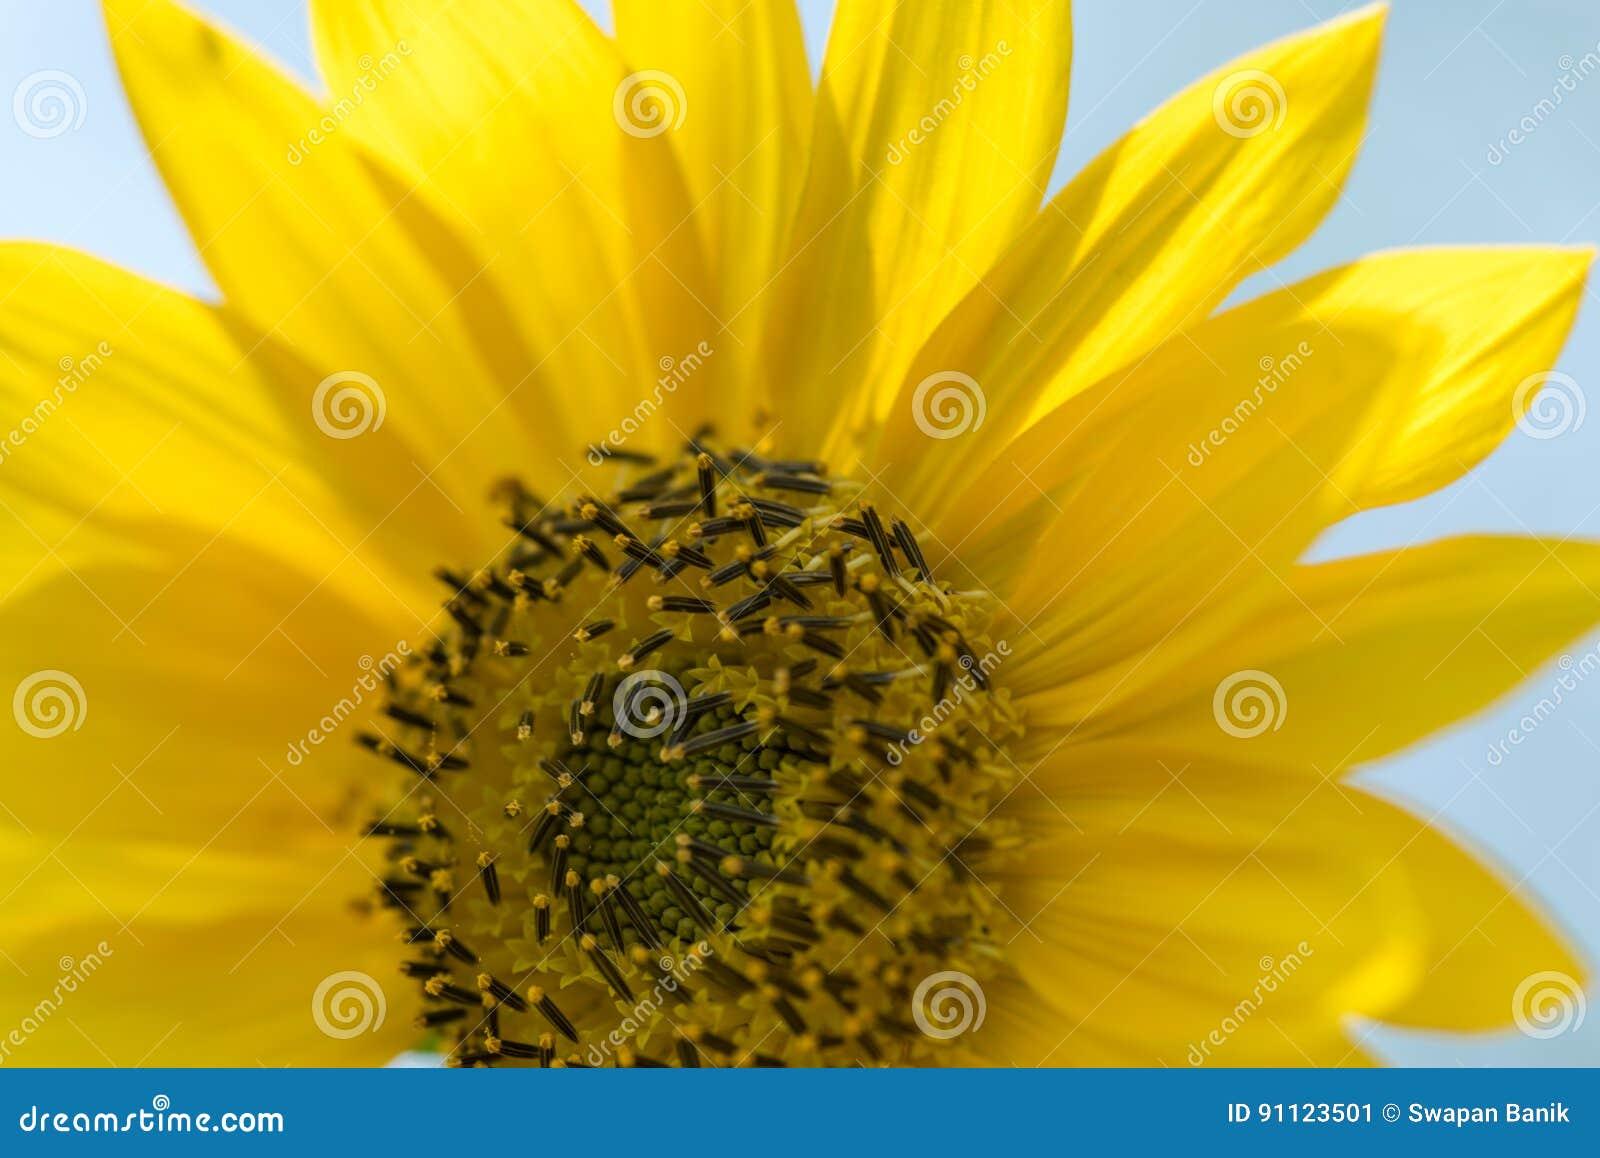 Girasol florecido en el verano